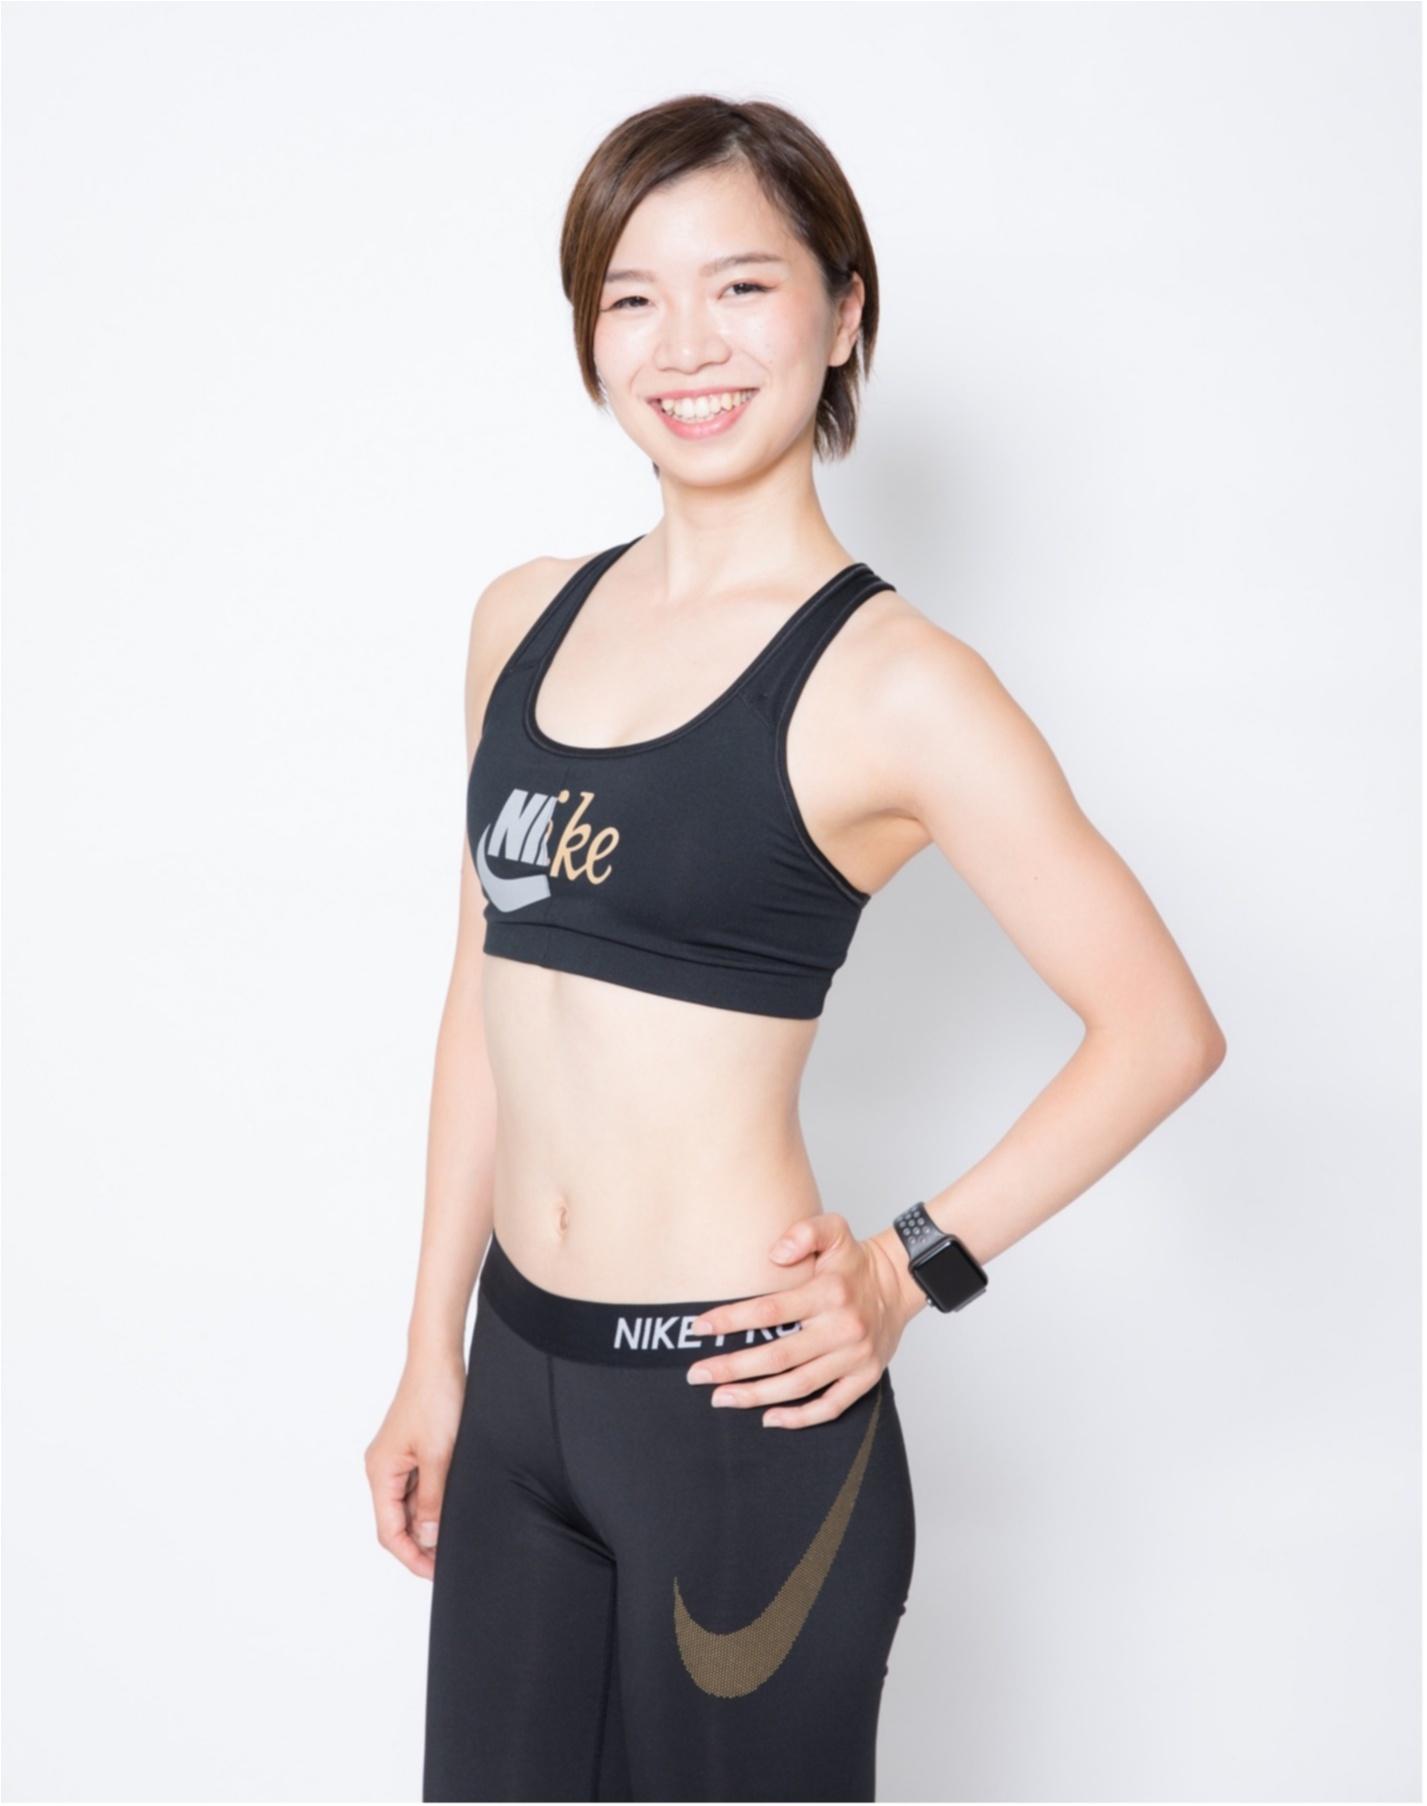 #腹筋女子 になりたい人集合! おうちでできる3つのトレーニング、教えます♡_2